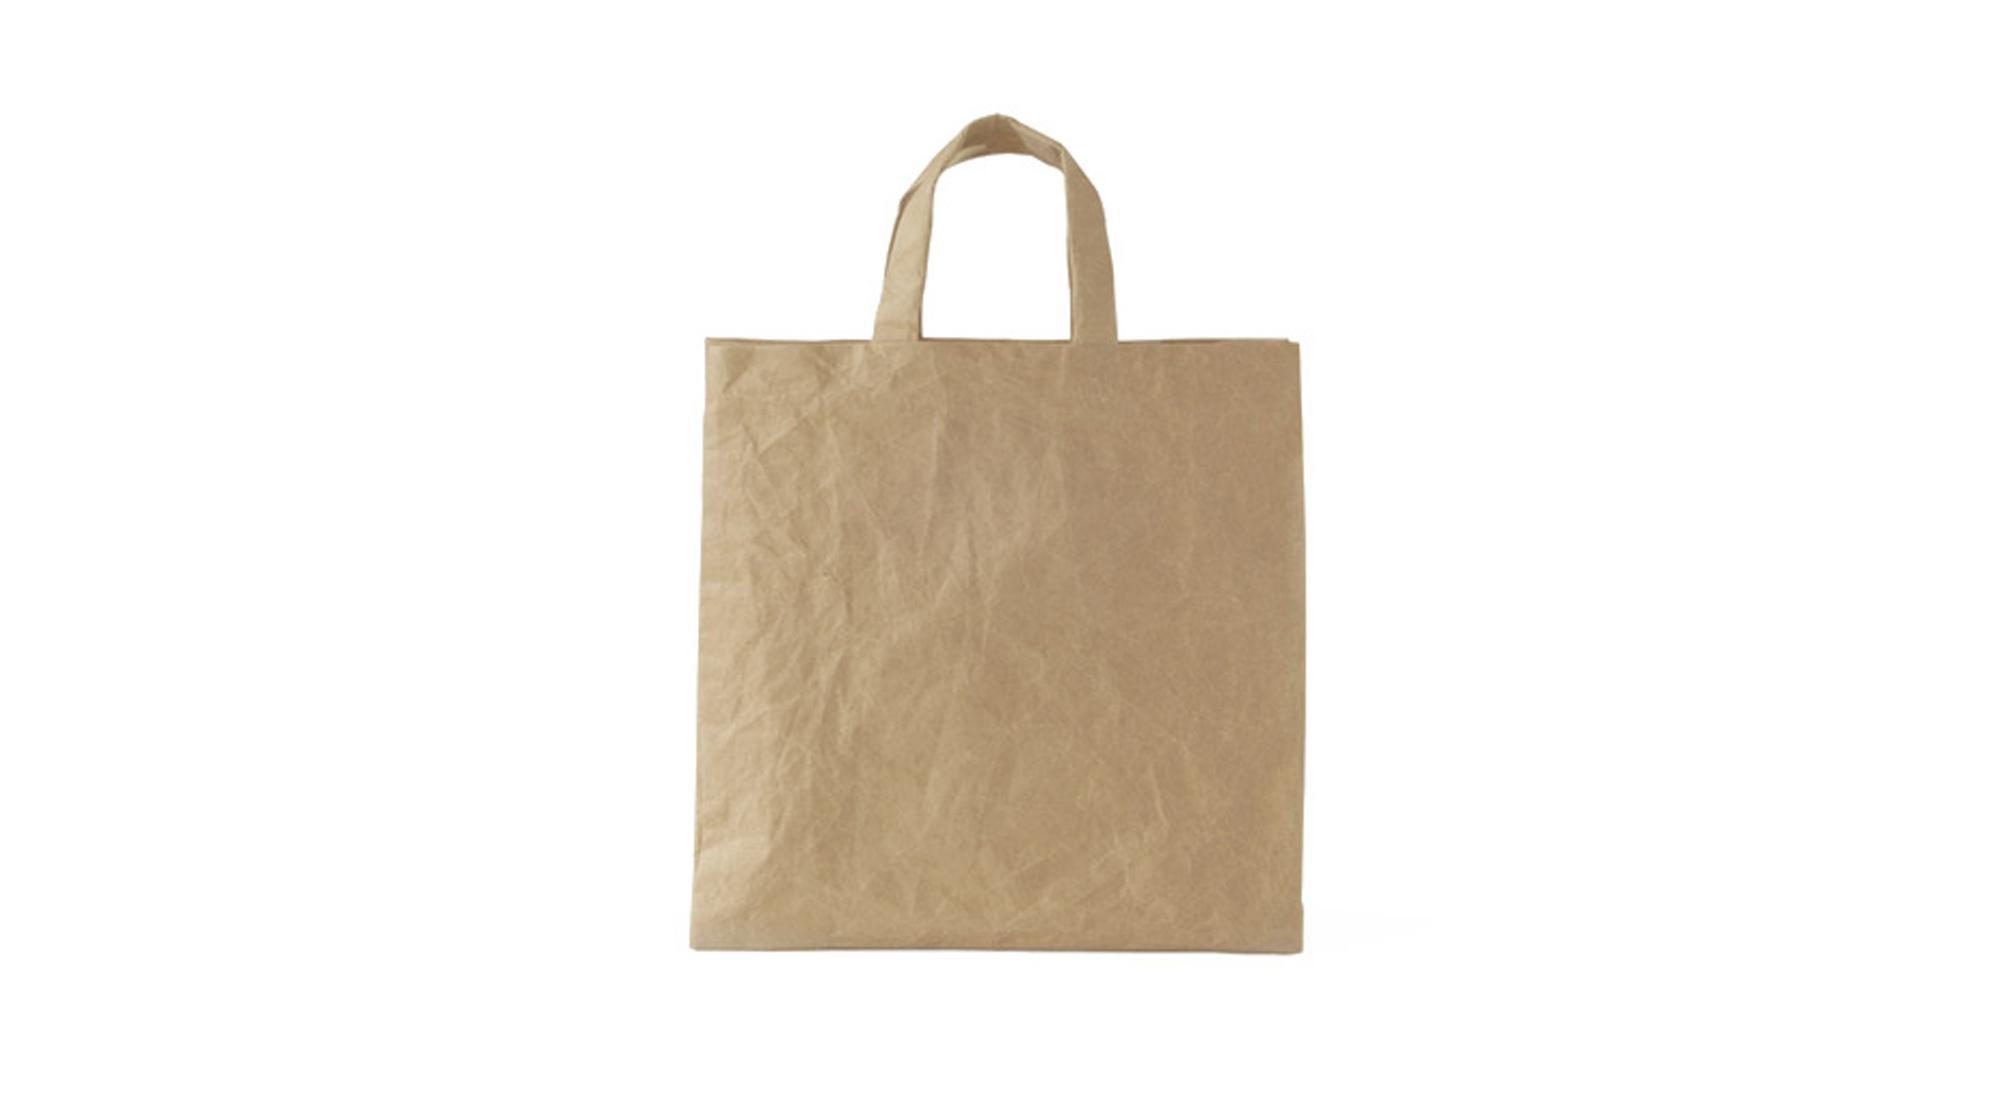 Designapplause Siwa Paper Square Tote Bag Naoto Fukasawa